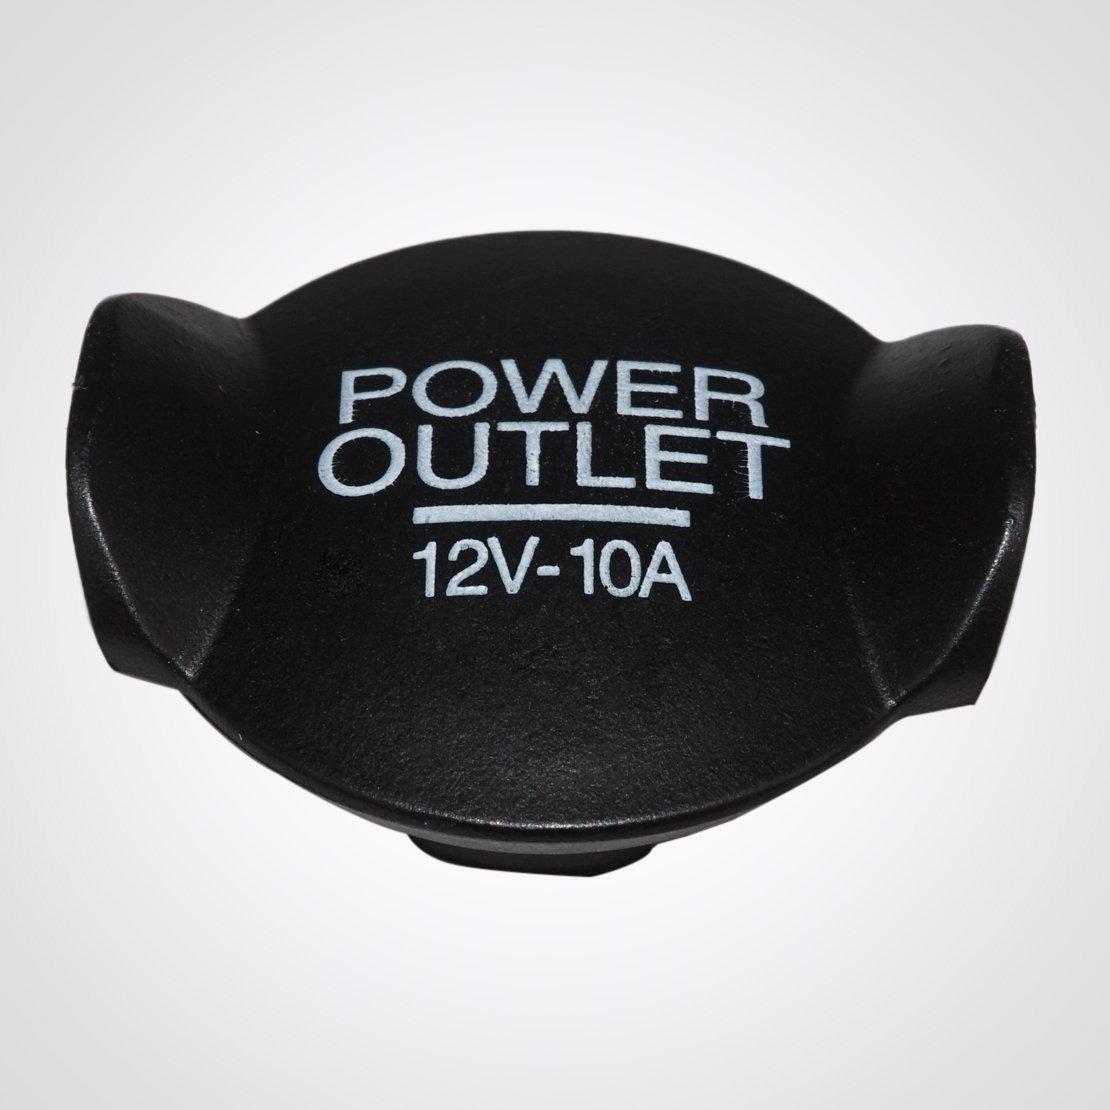 Amazon.com: beler Black 12V 21mm Cigarette Lighter Socket Outlet Cover Cap for Ford Focus Fiesta Mondeo 1073223: Automotive